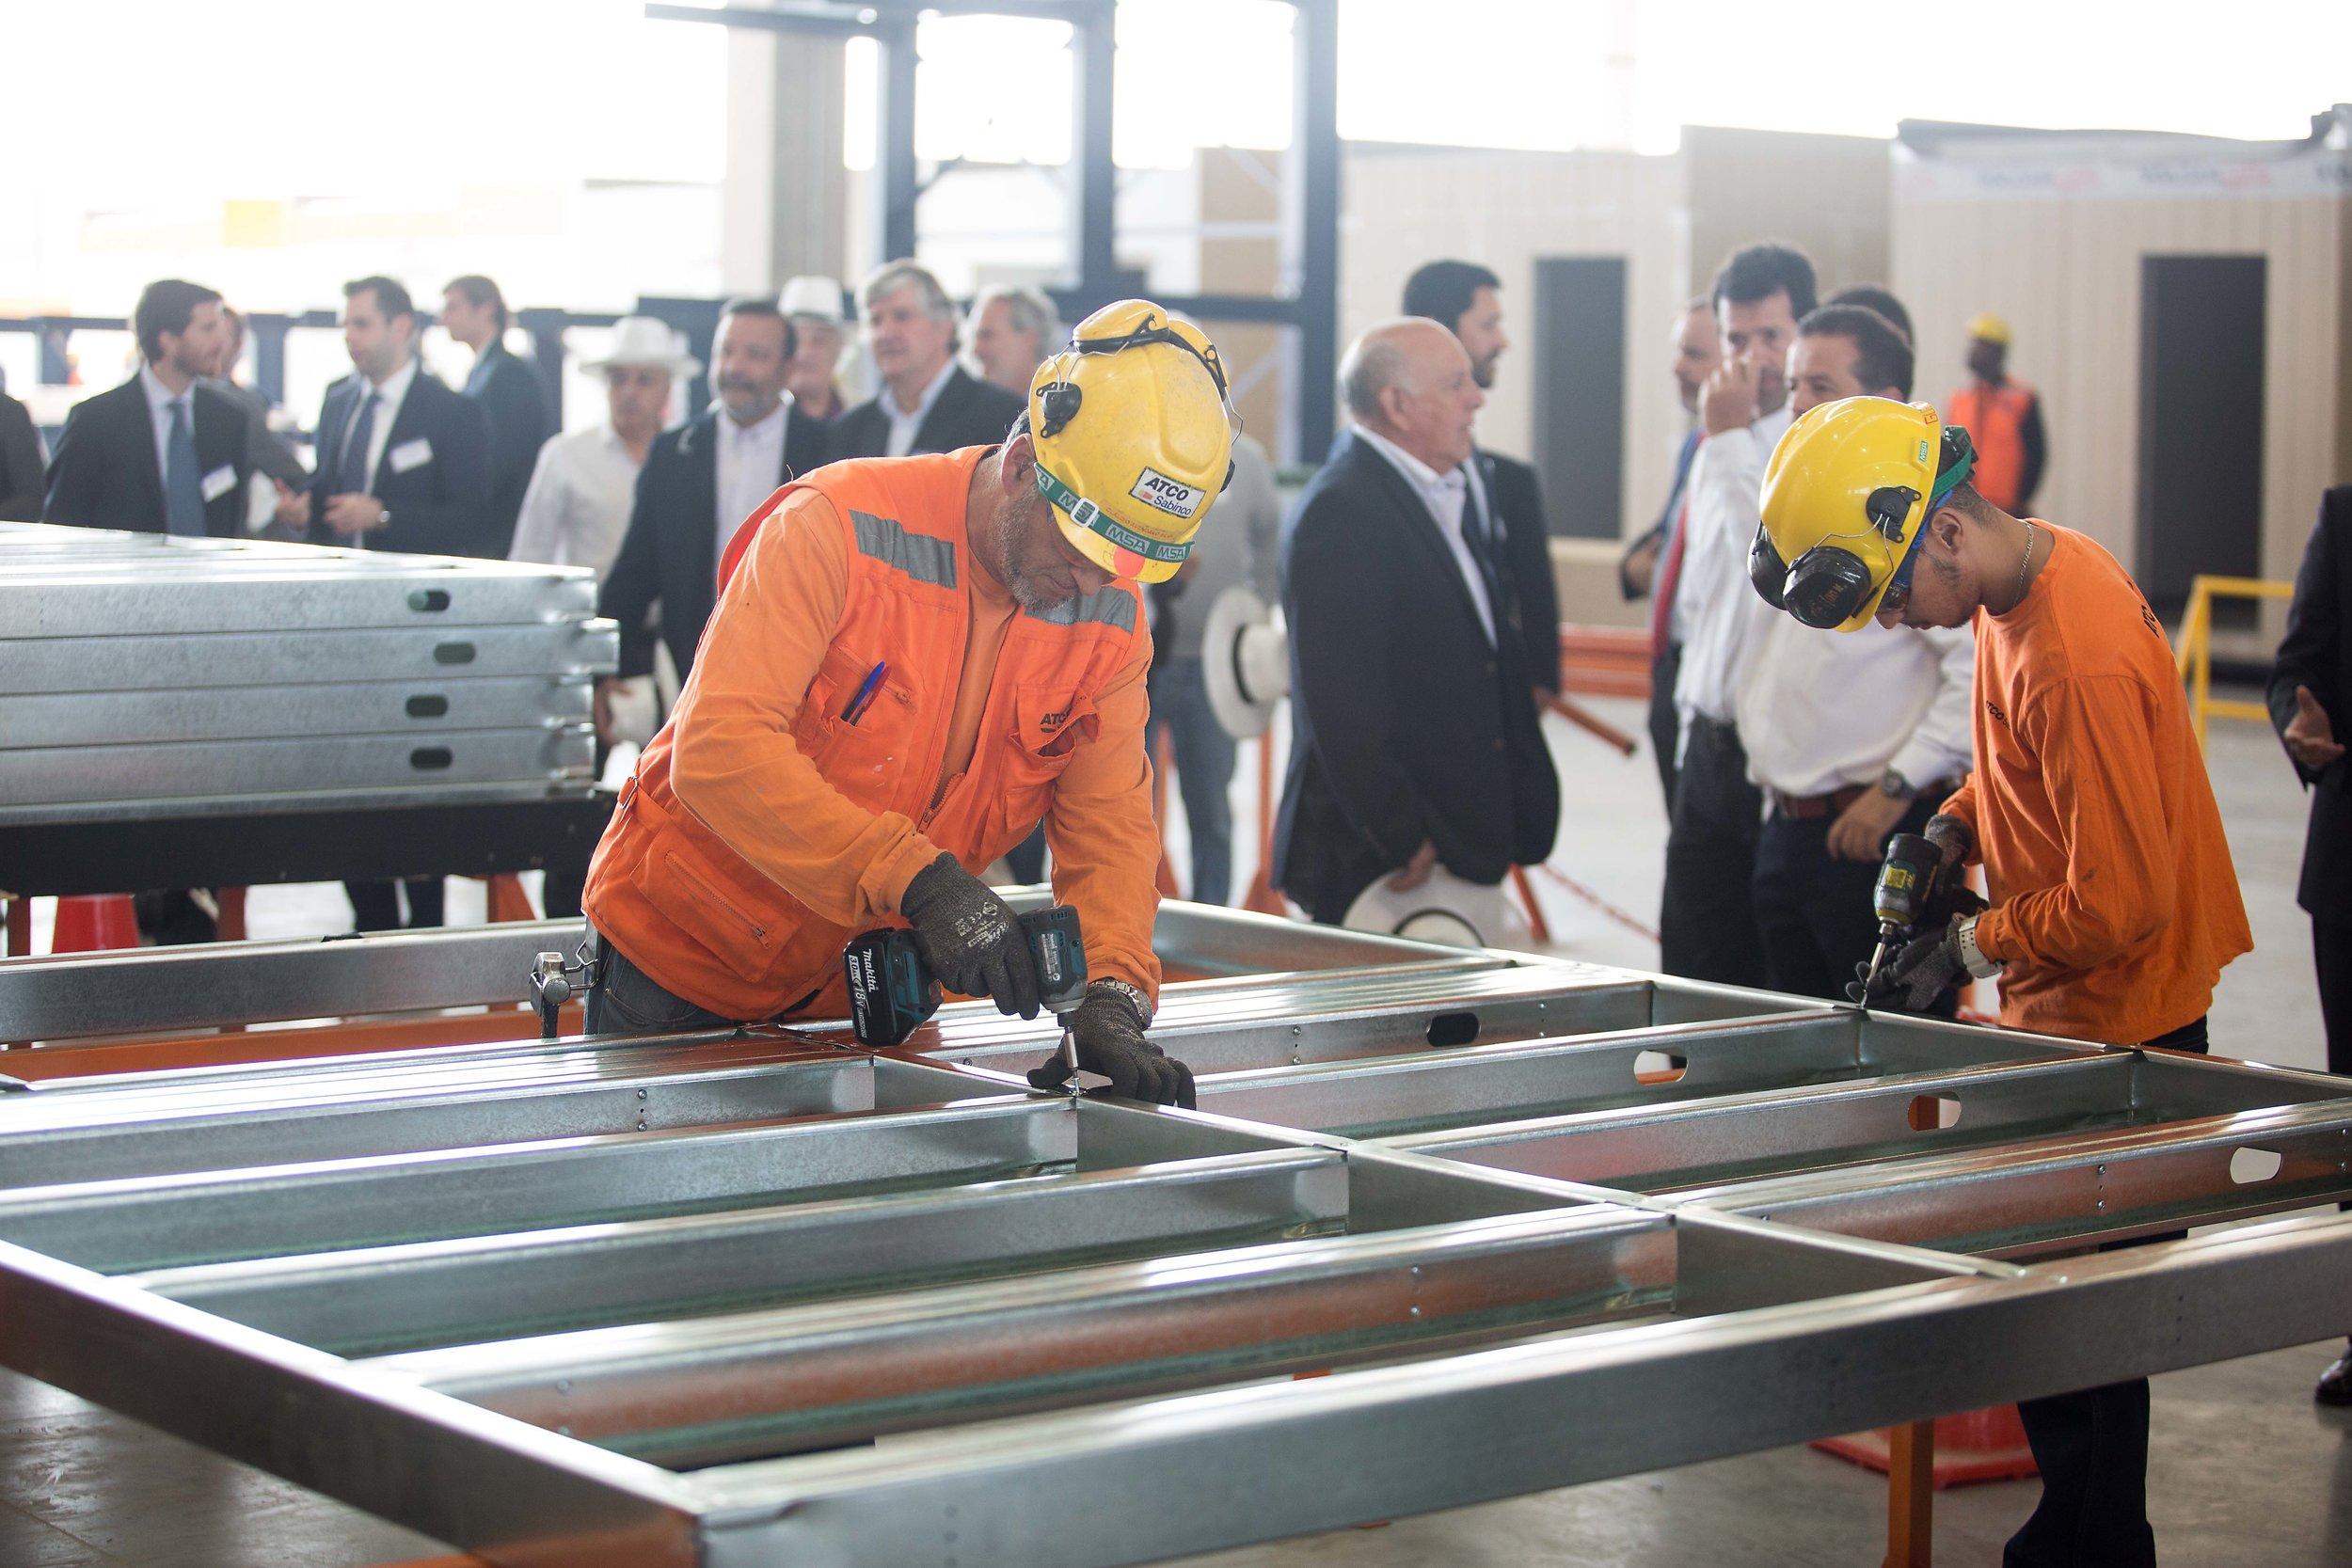 produccion-evento-inauguracion-planta-atco-sabinco-cproducciones-2